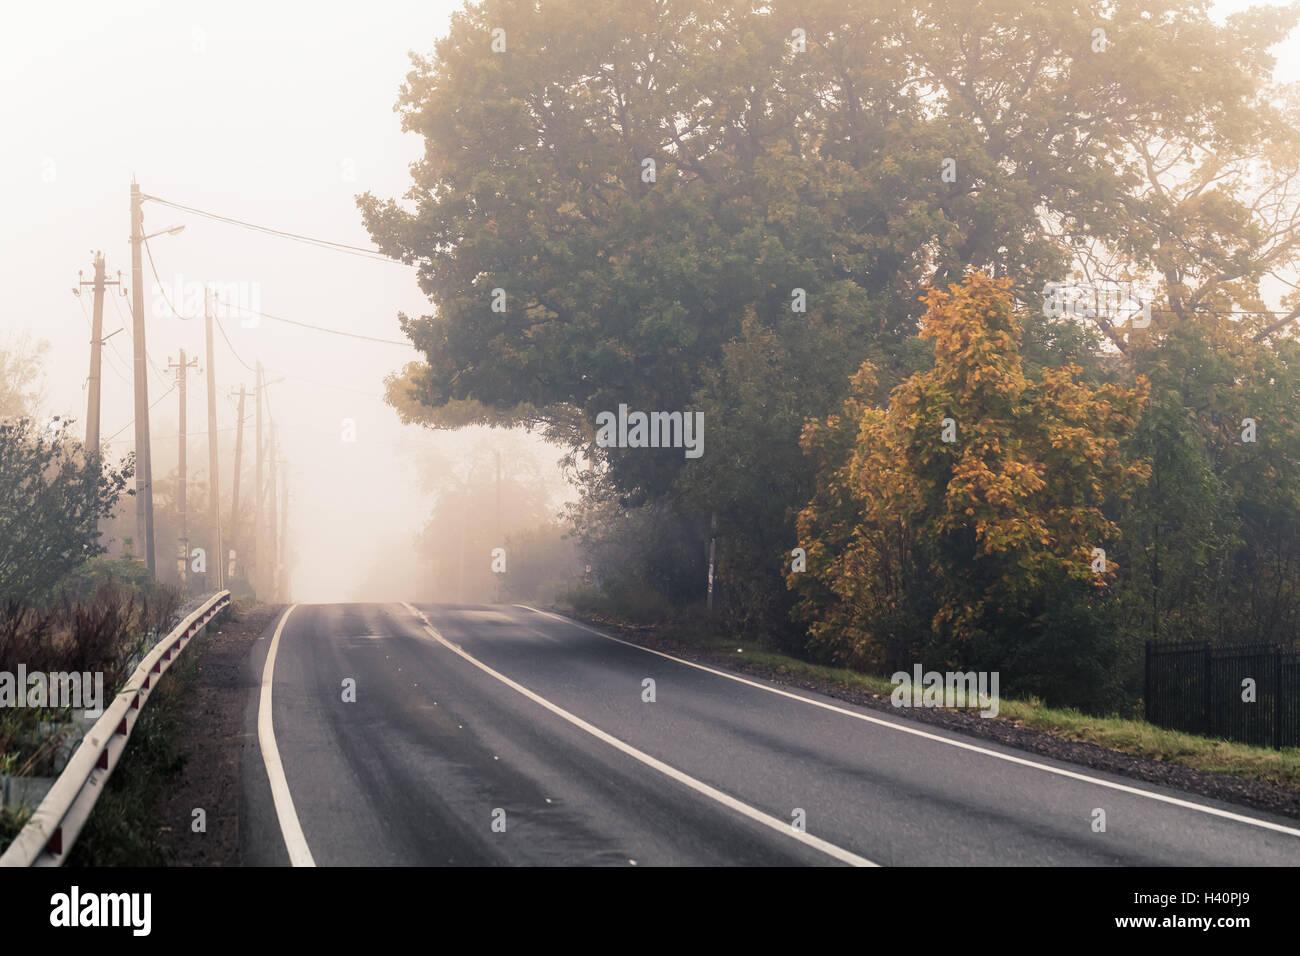 Vacía la autopista rural en otoño de niebla por la mañana y estilizados foto con el efecto de corrección tonal cálida, antiguo filtro estilo instagram Foto de stock